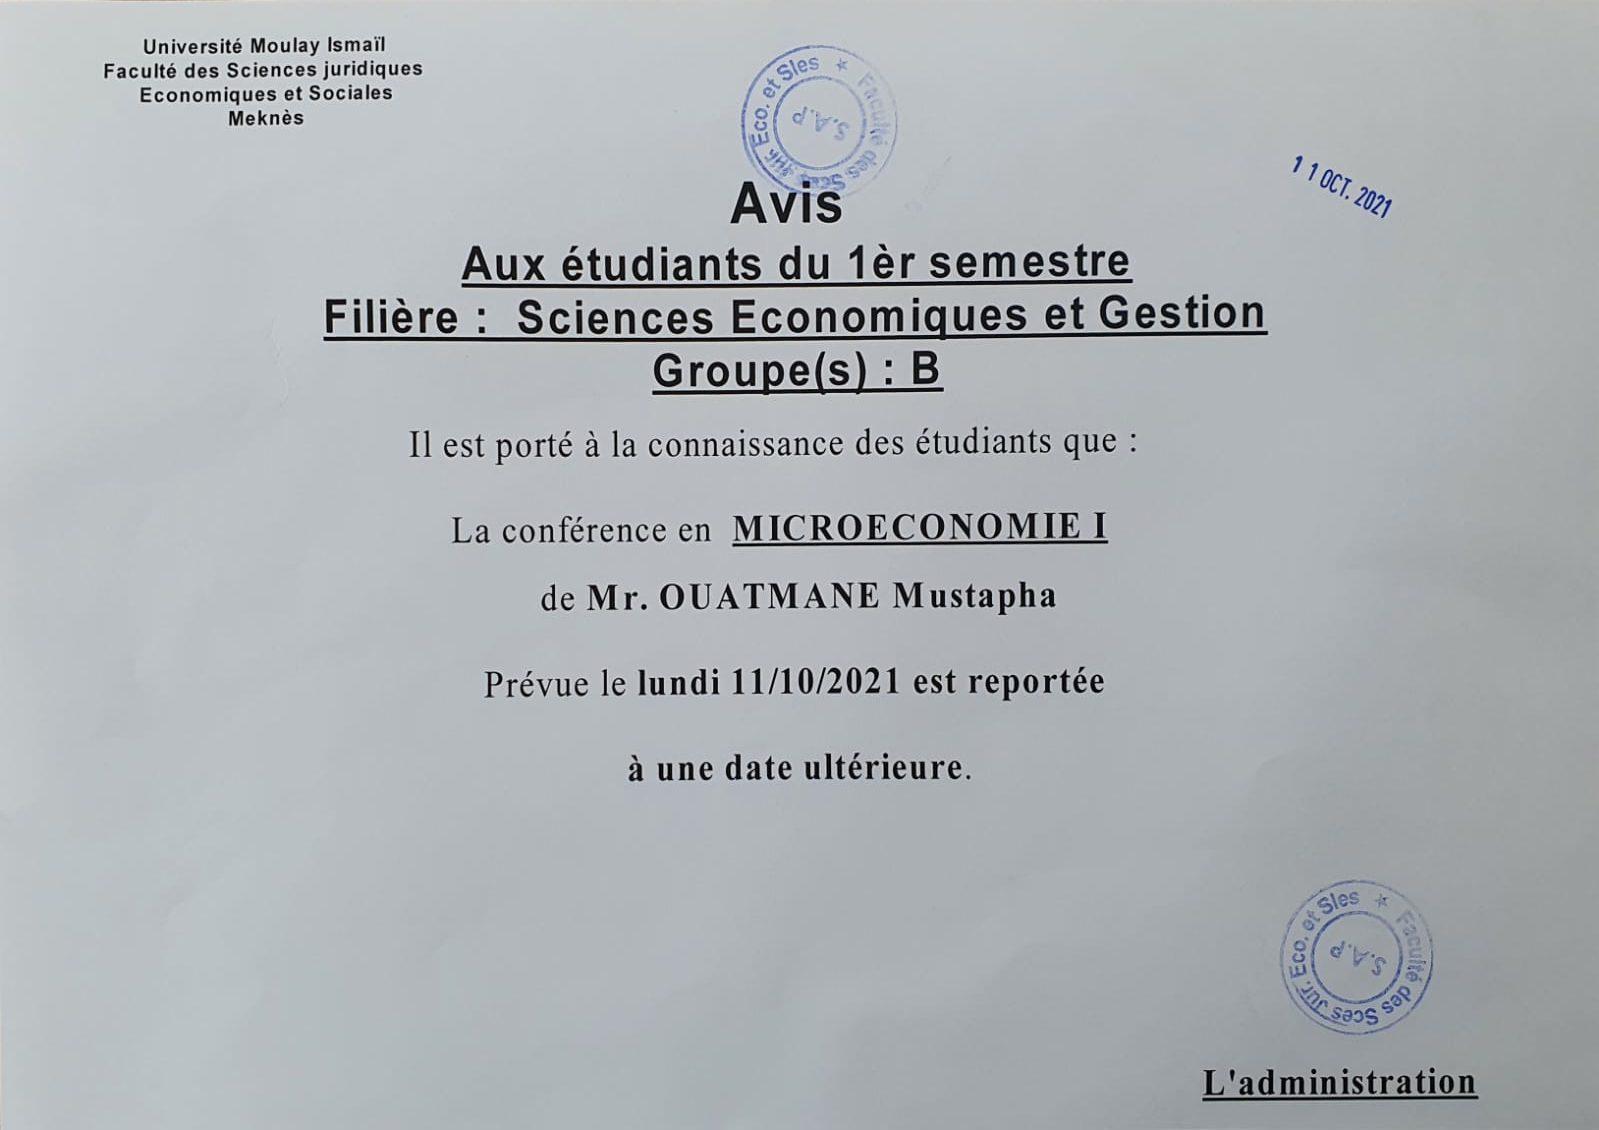 Avis aux étudiants du 1èr semestre sciences Economiques et Gestion «Groupe (B)»